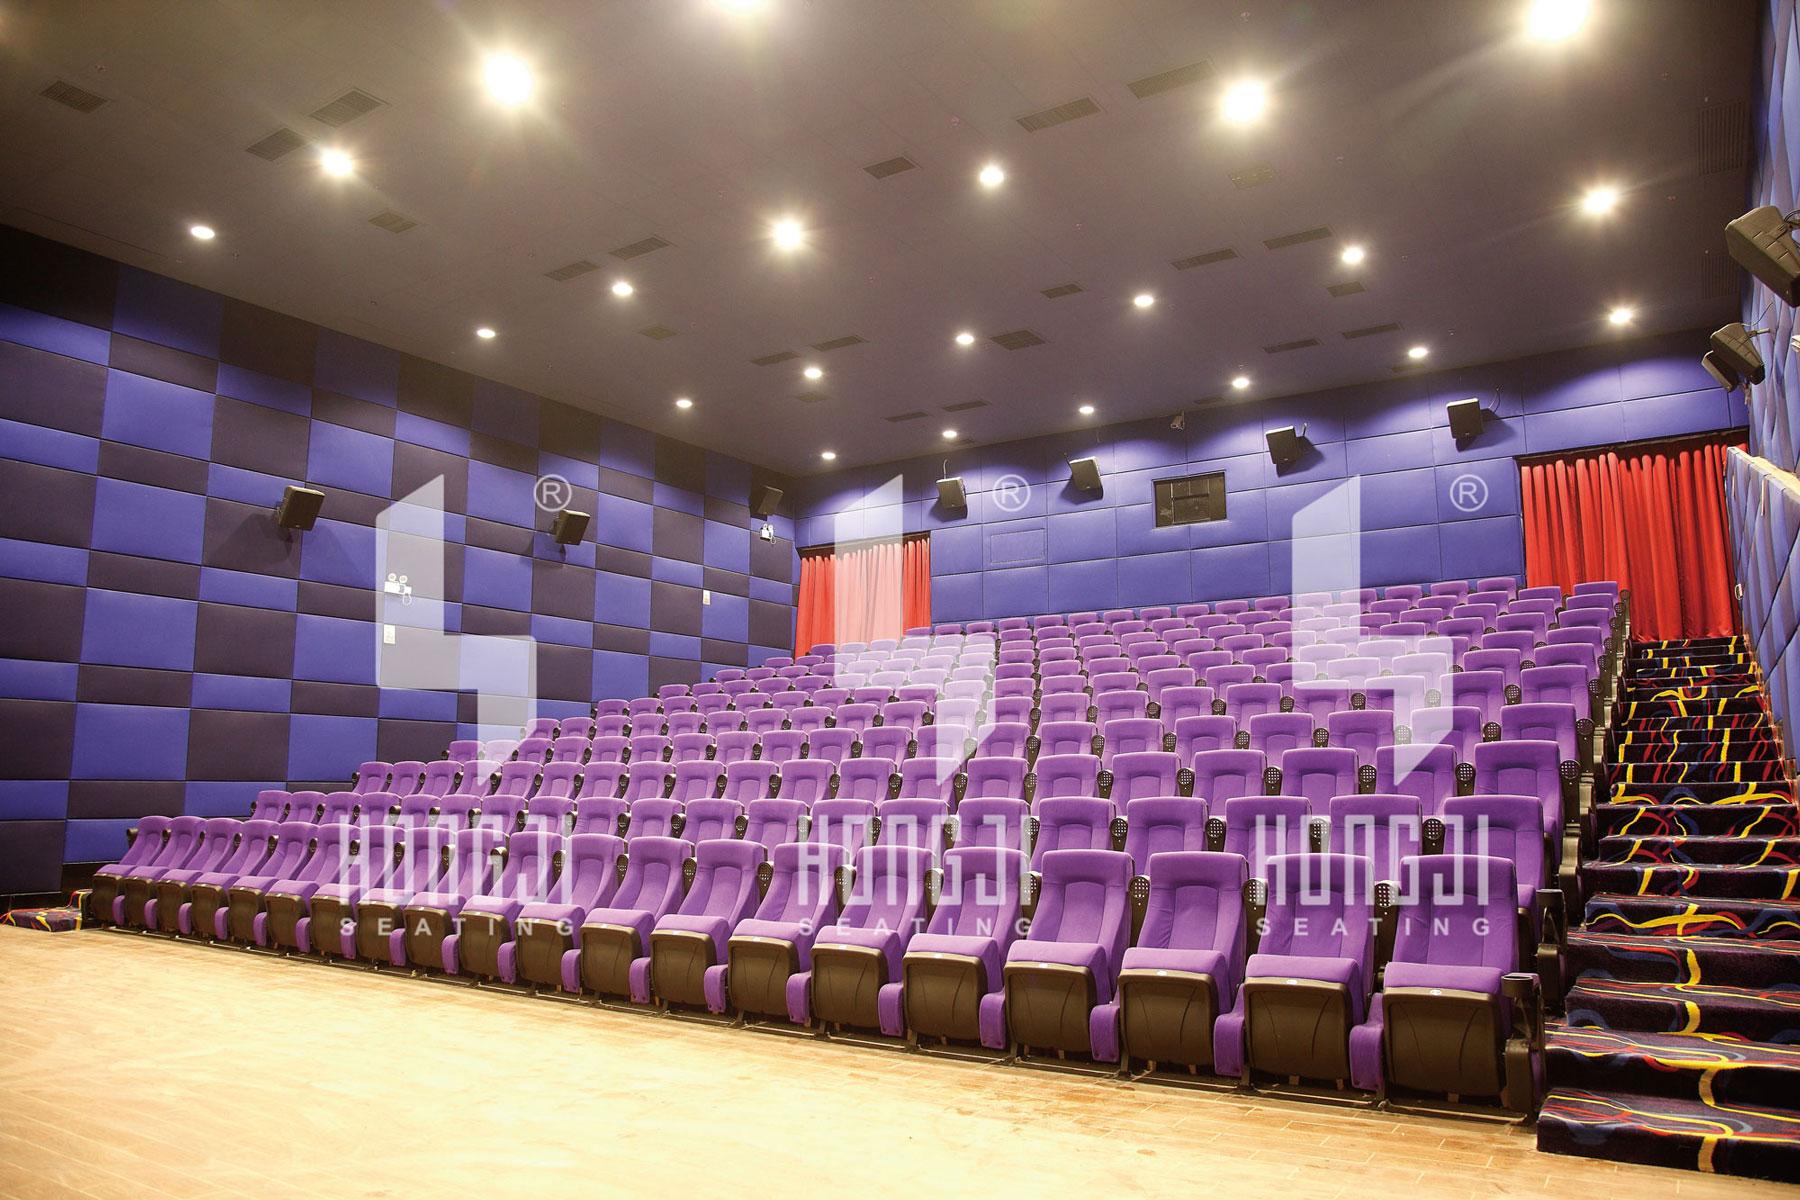 影院椅:想讨观众喜好,除了高颜值还要硬性能